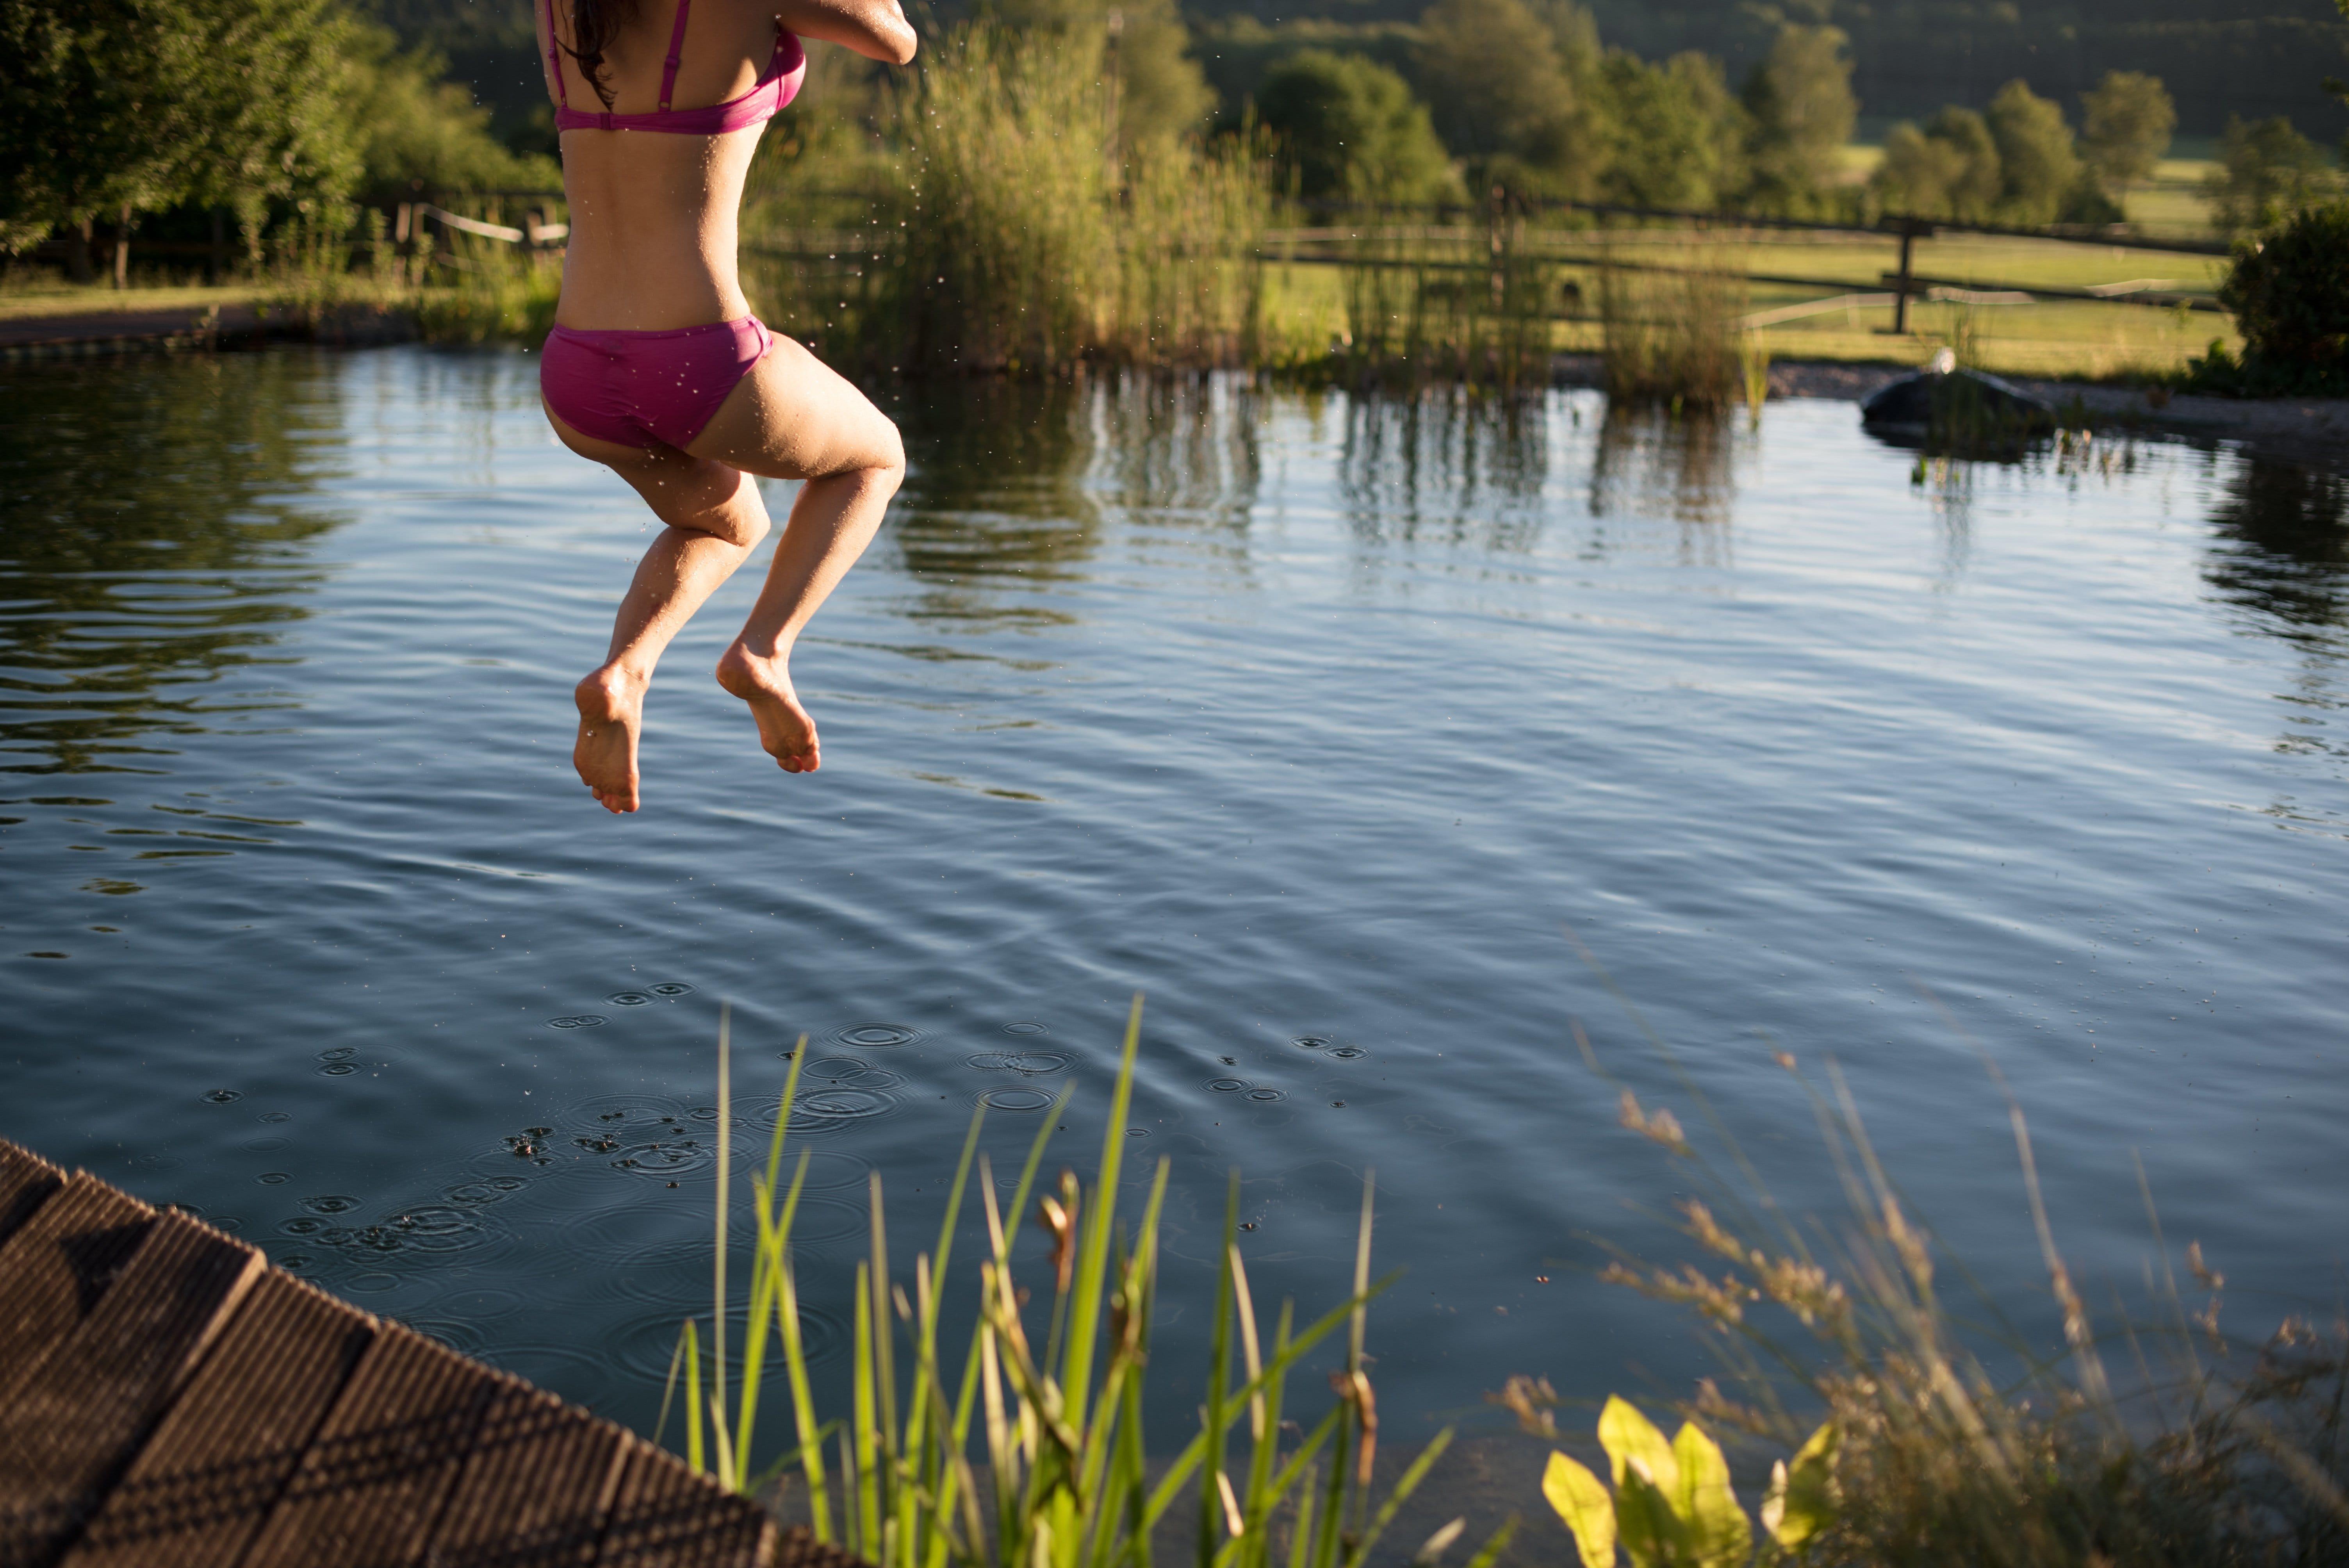 schwimmteich bauen - so geht's - haushaltstipps